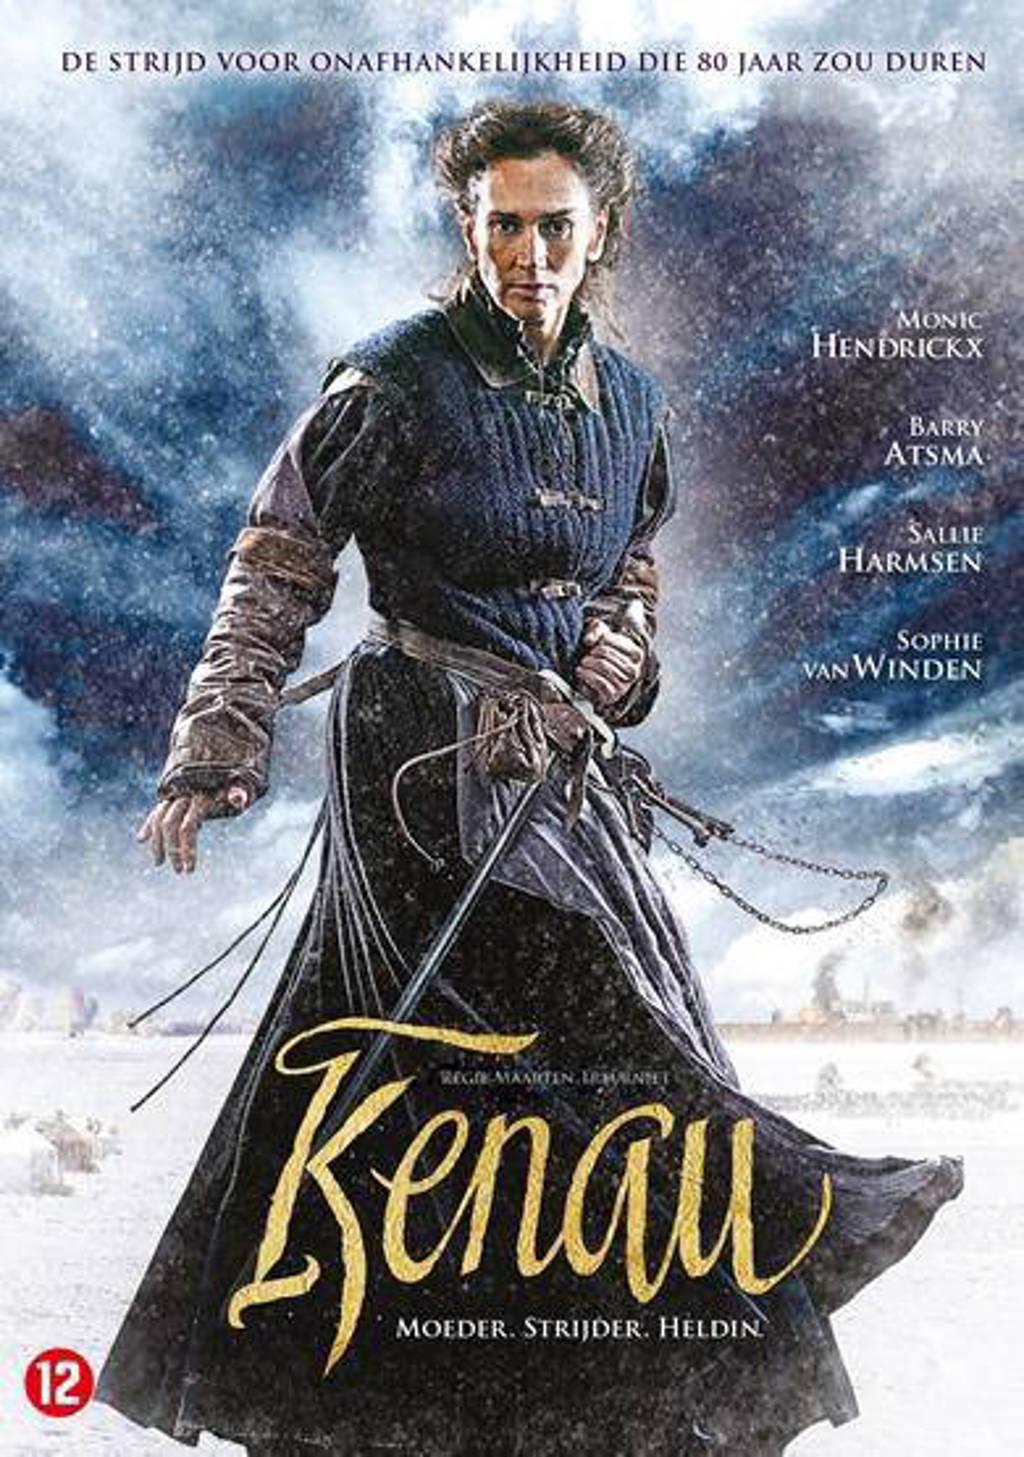 Kenau (DVD)